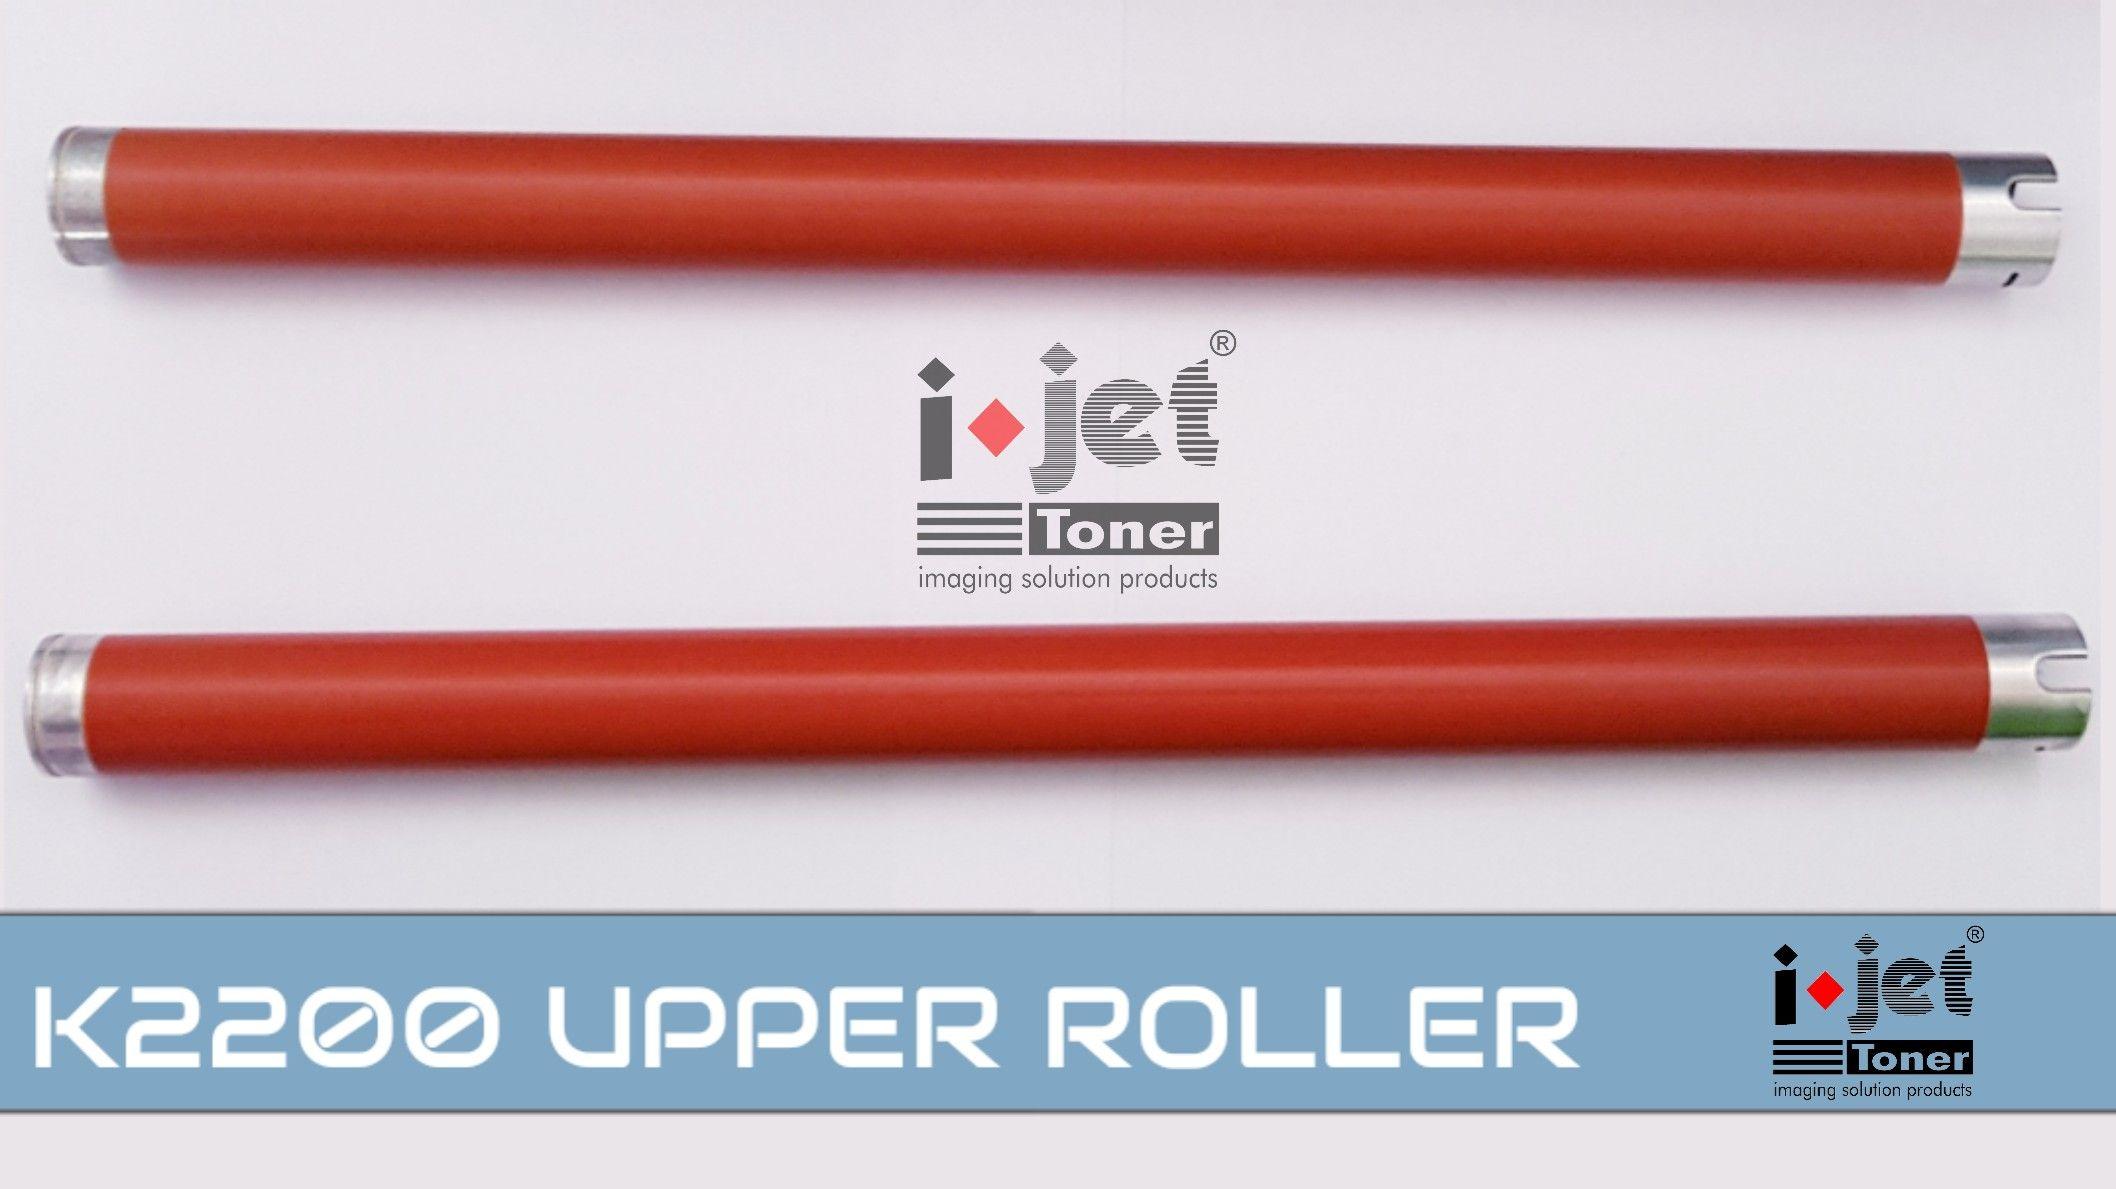 UPPER ROLLER FOR SAMSUNG K2200   Printer Parts   Samsung